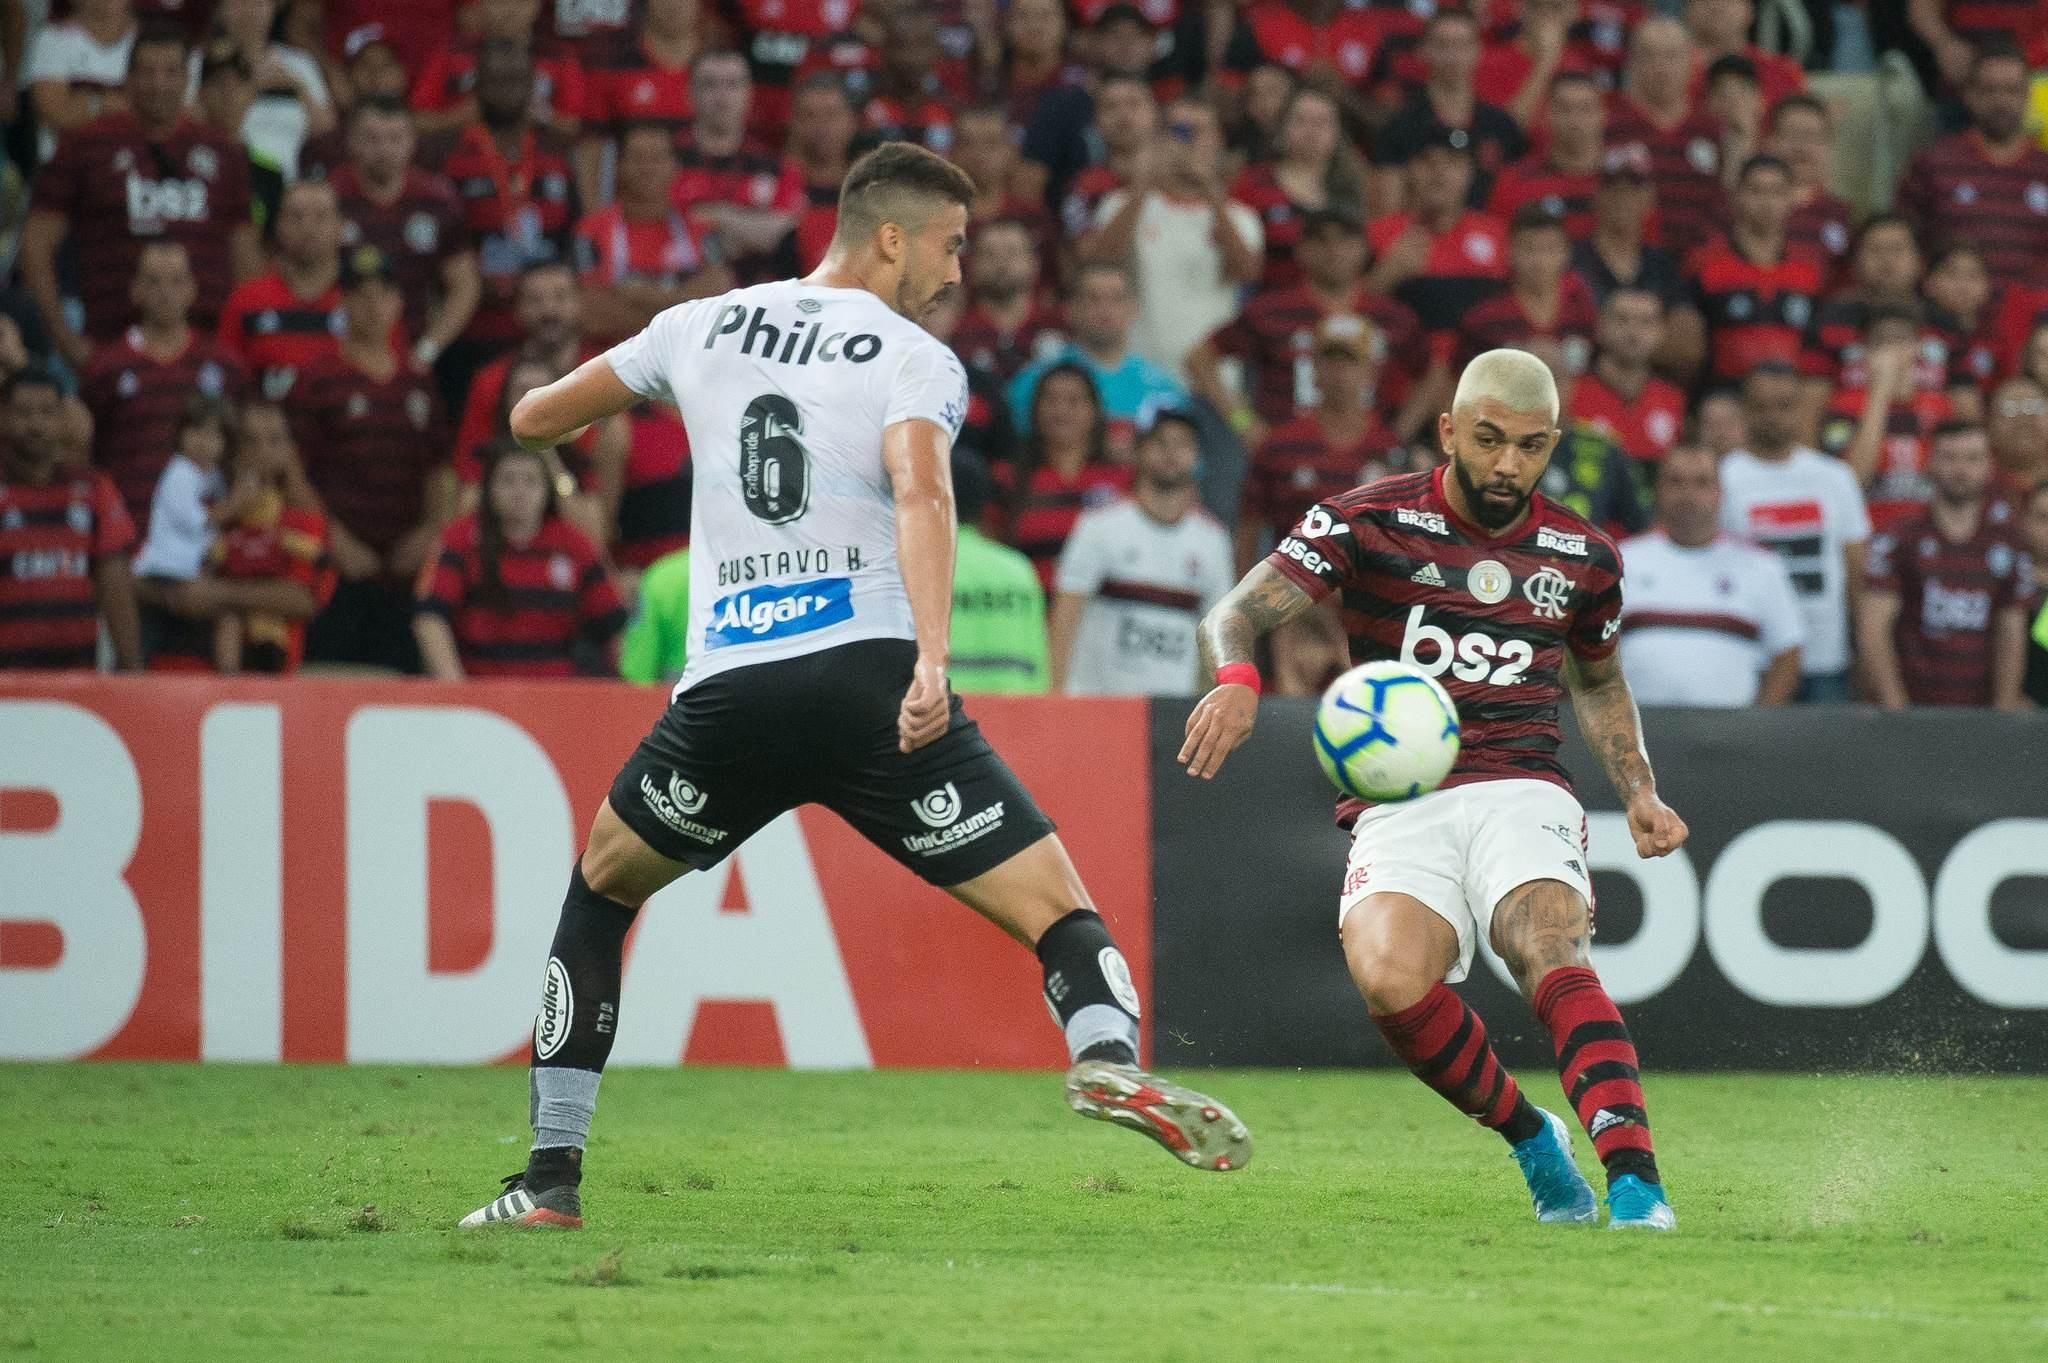 الاتحاد البرازيلي يحدد موعداً مبدئياً لعودة المنافسات